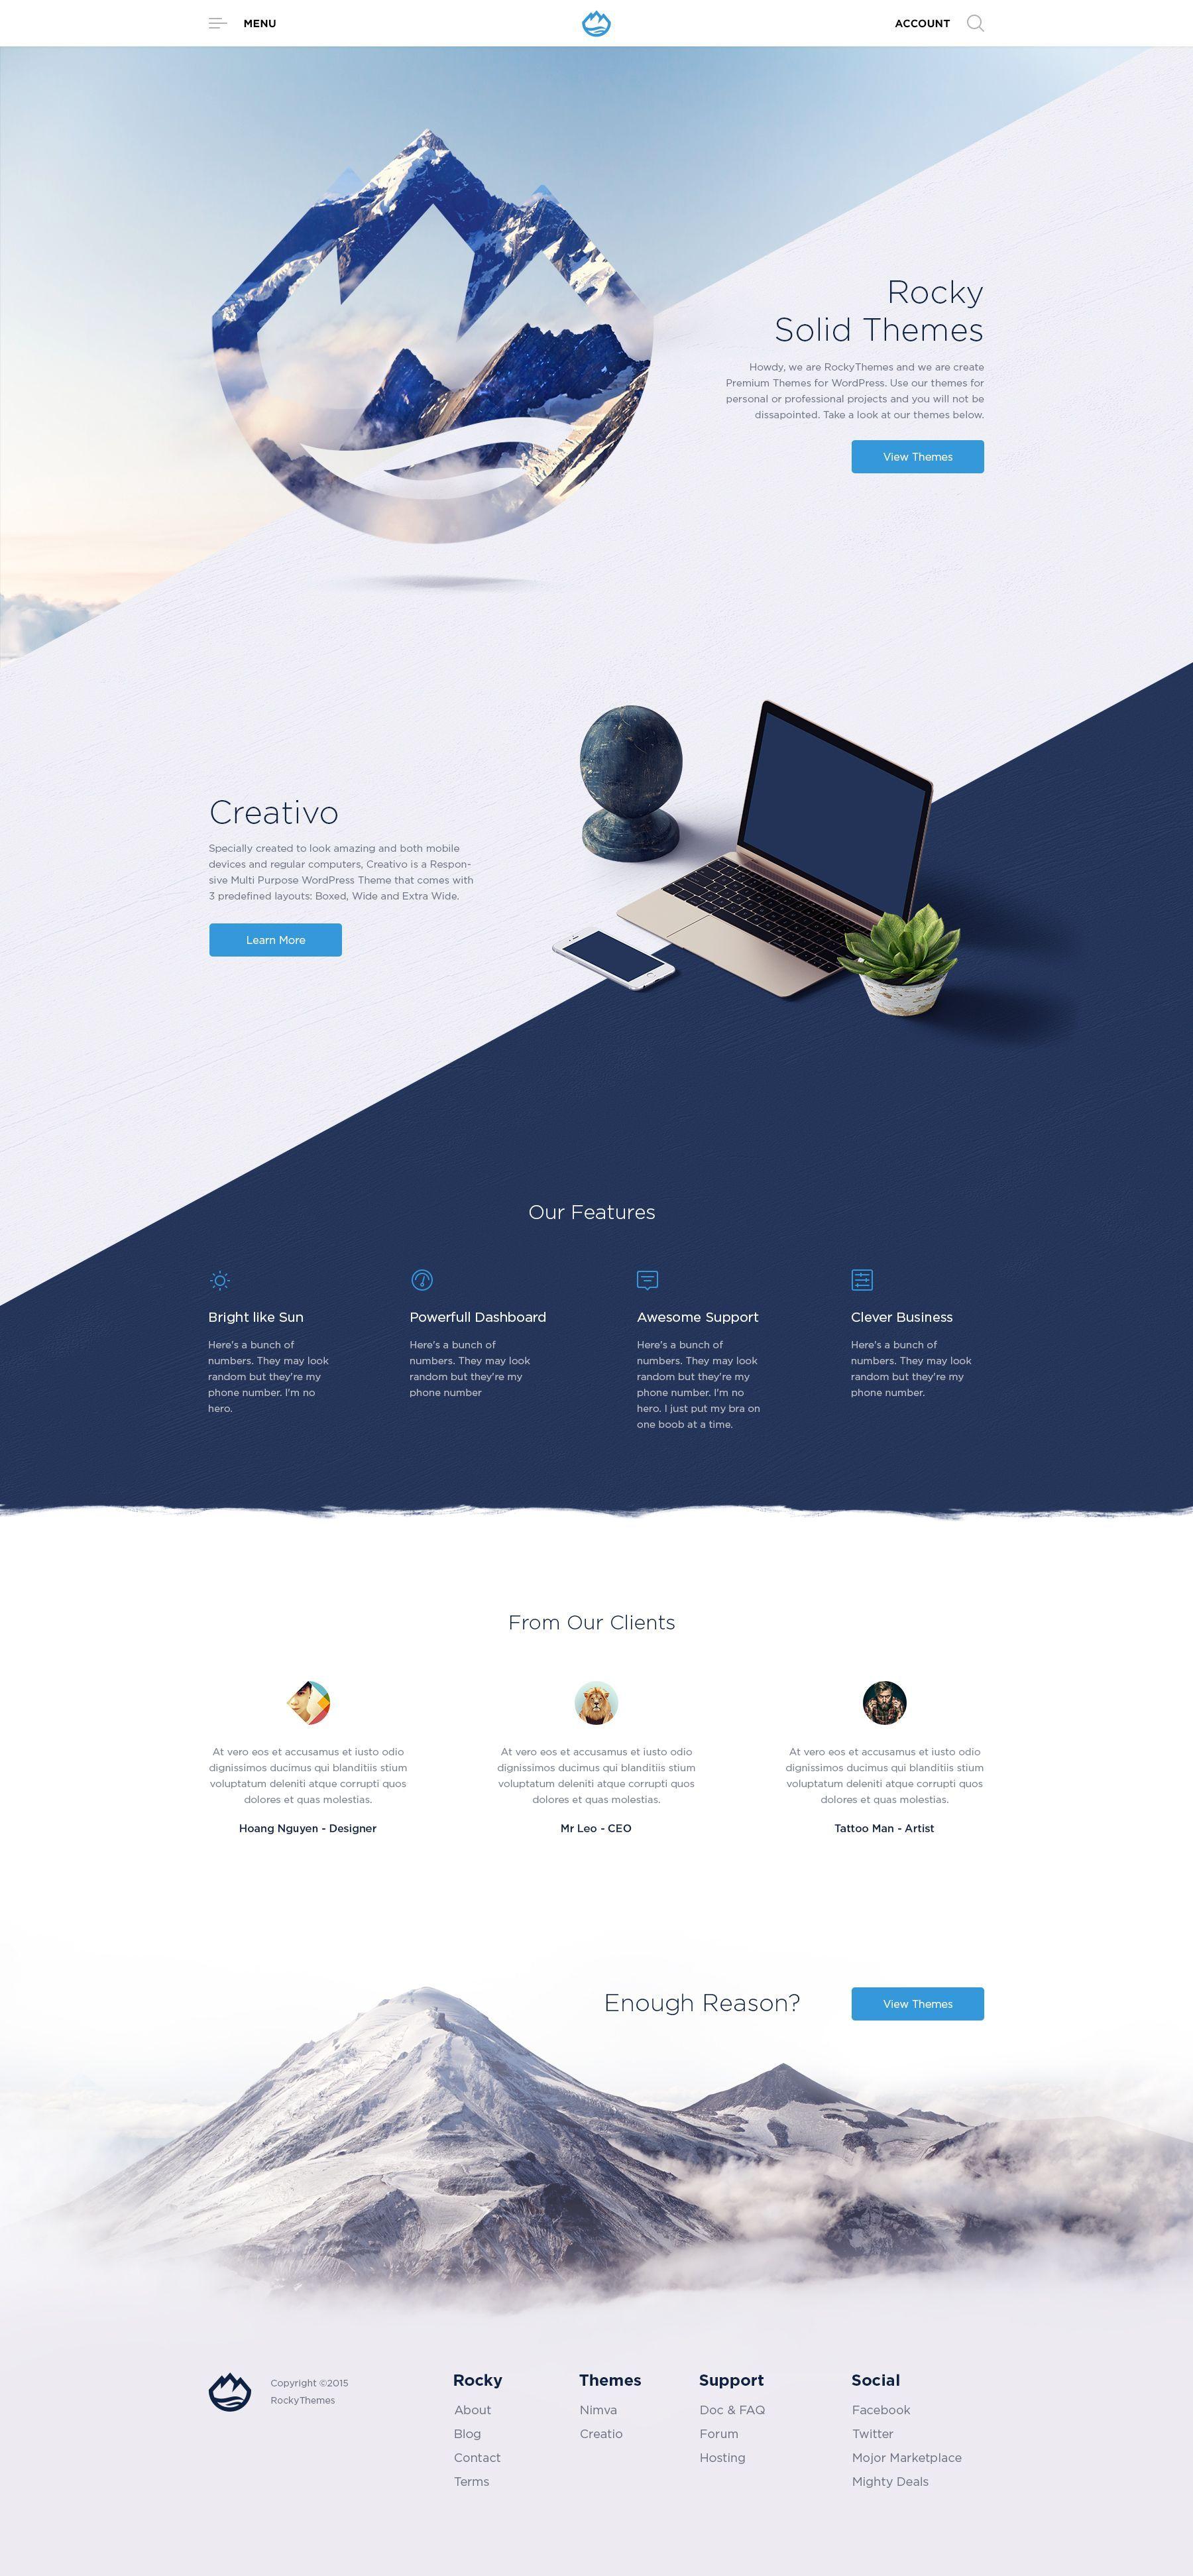 Real Pixel Webdesign Aus Der Schweiz Jetzt Kostenlos Fur Eine Offerte Anfragen Http Www Swisswebwork Ch Webdesign Inspiration Web Design Webdesign Agentur